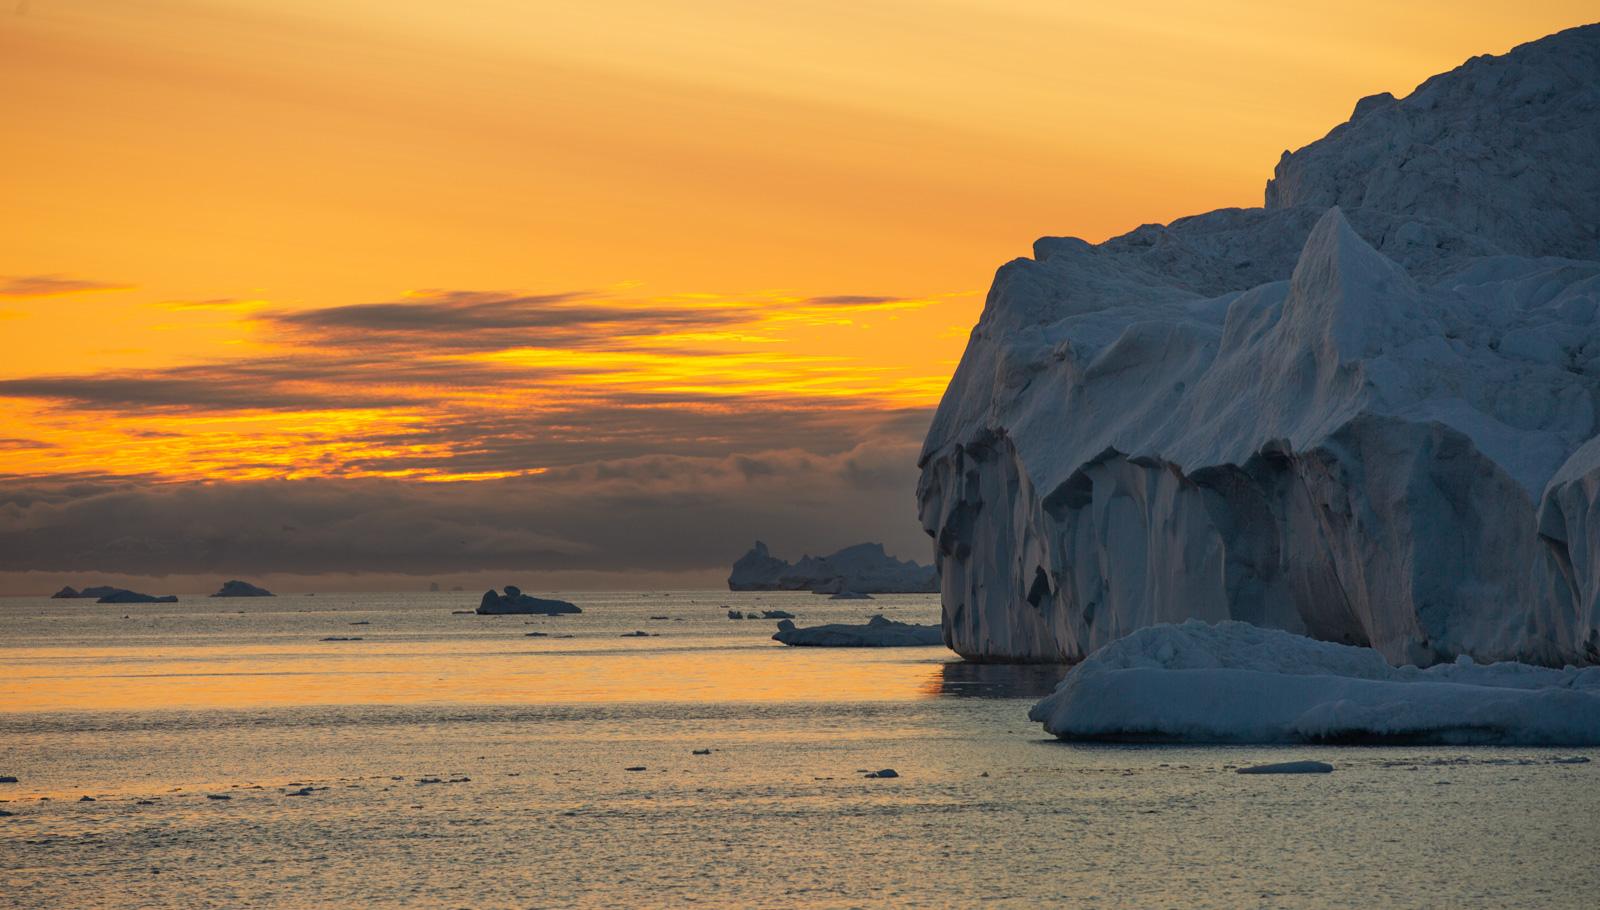 Sonnenuntergang in Ilulissat, Grönland, Eisberge